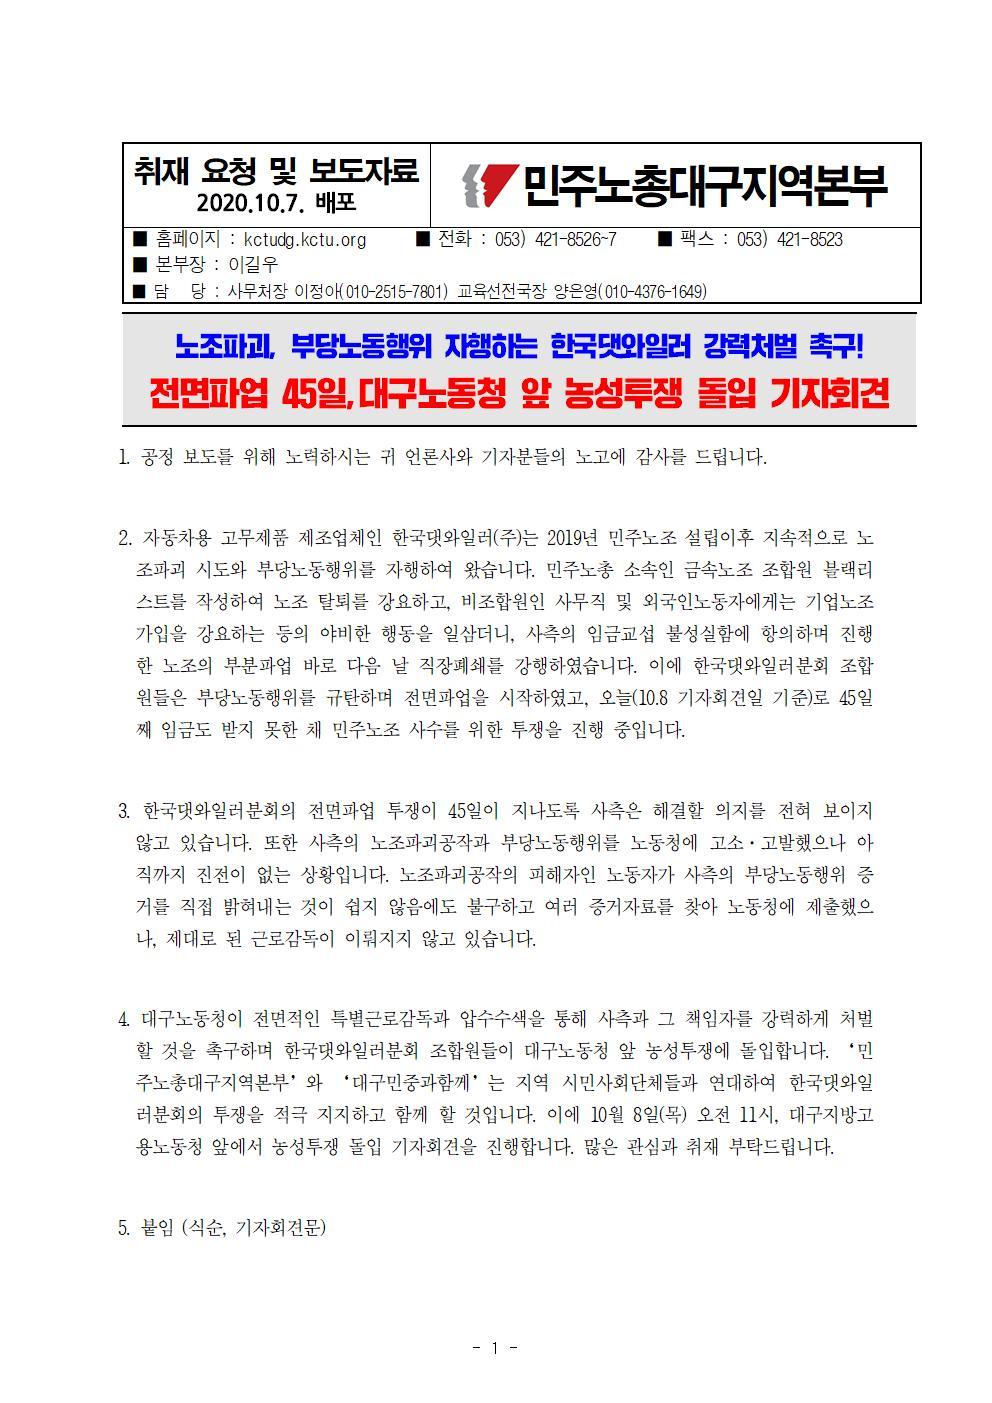 [1006 보도자료,기자회견문]한국댓와일러분회 대구노동청 앞 농성투쟁 돌입 기자회견001.jpg